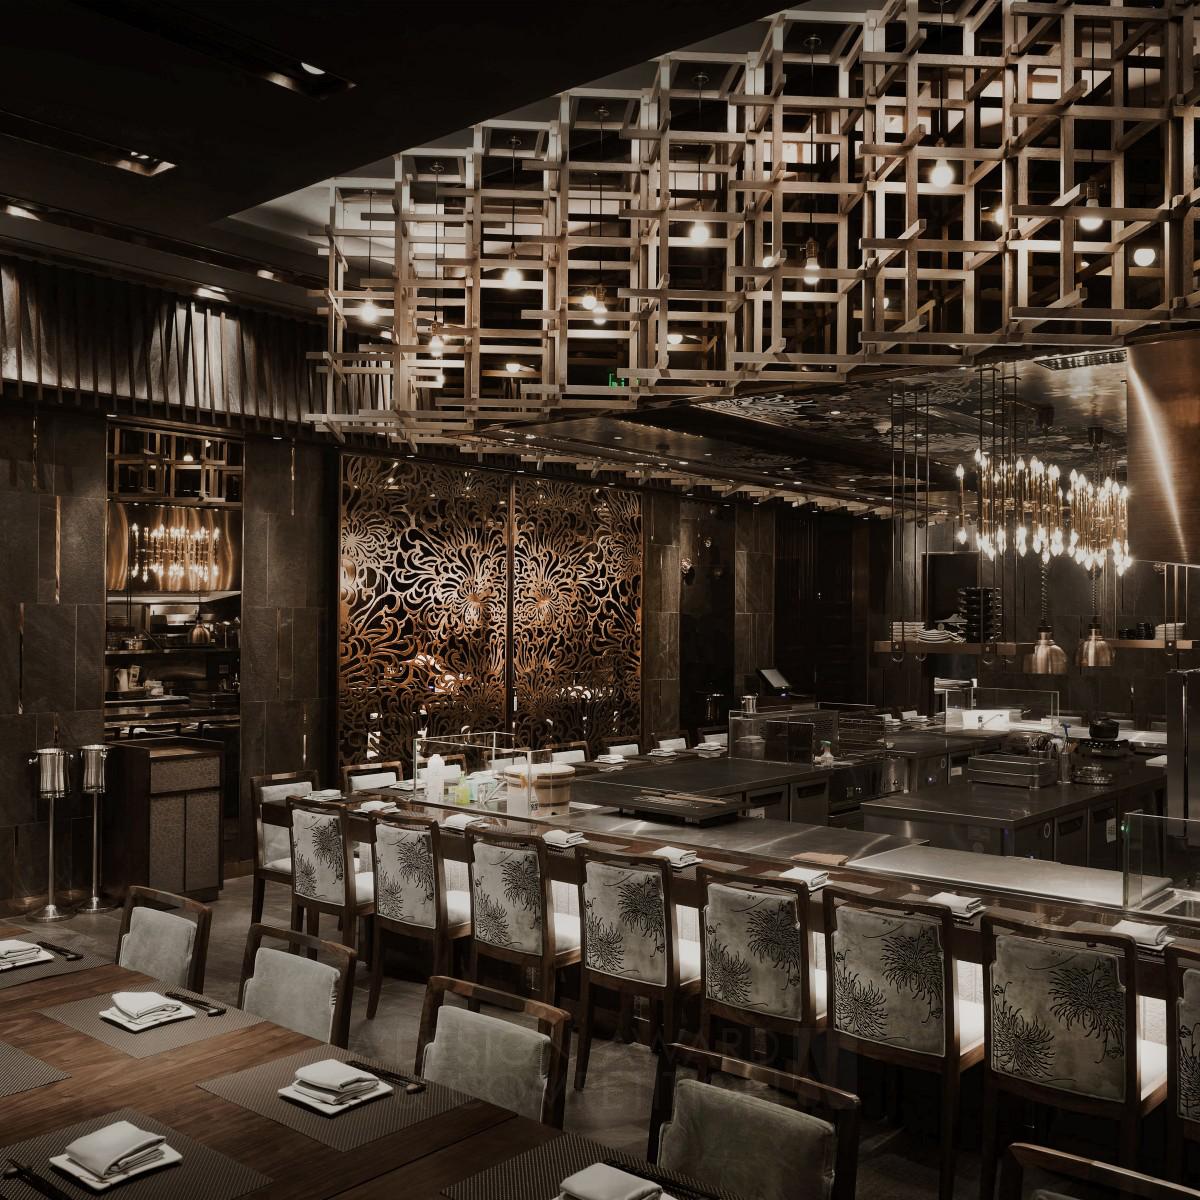 Hana Giku Japanese Restaurant